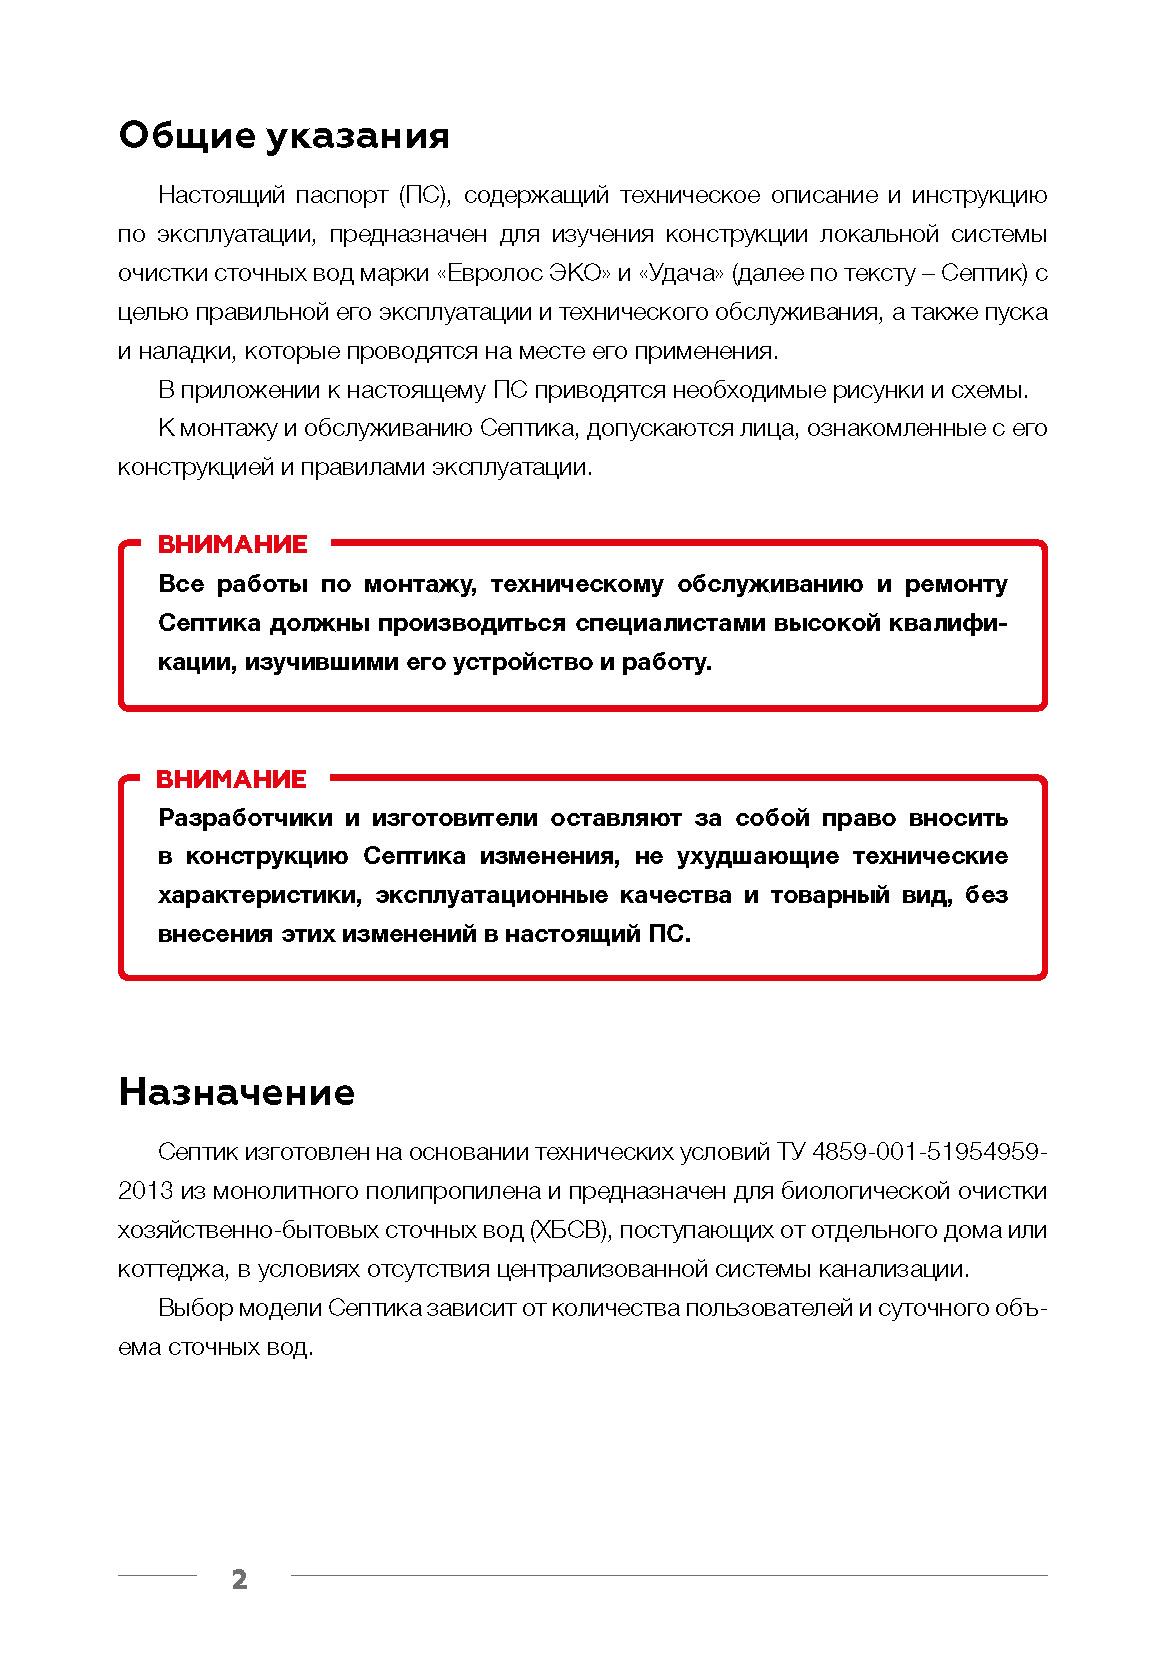 Технический паспорт Евролос Эко_Удача_Страница_04